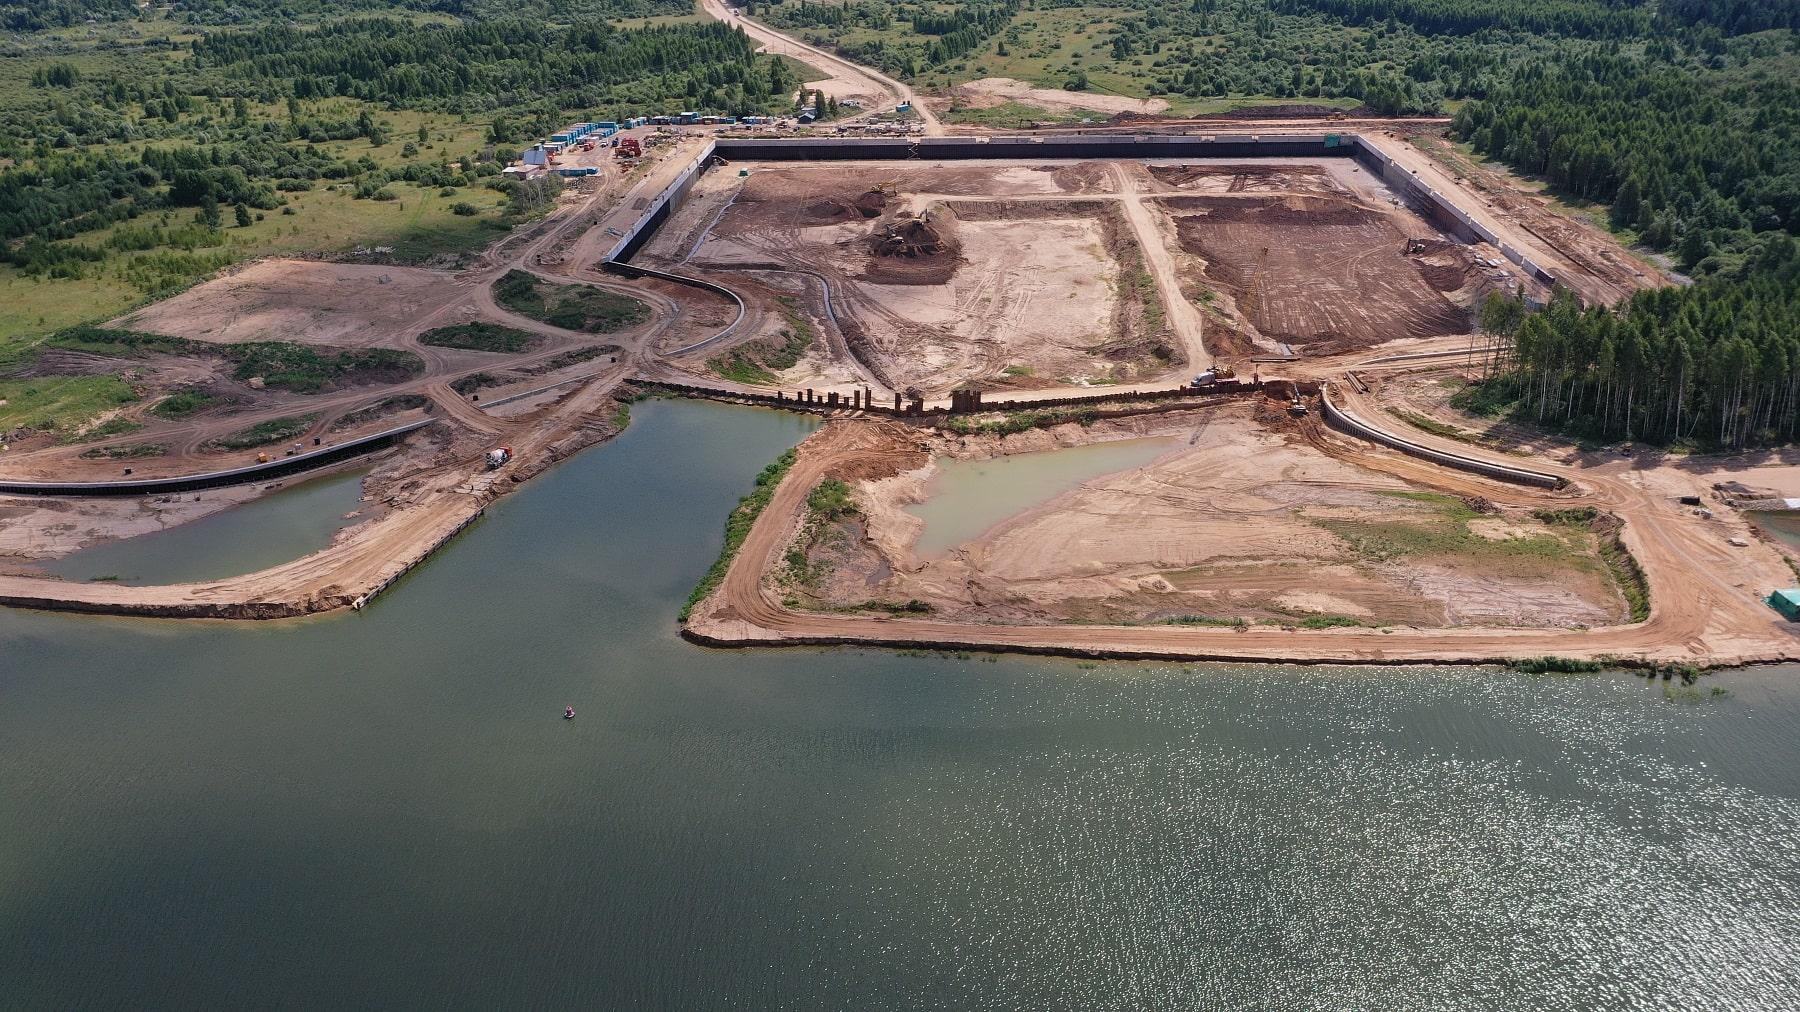 5700 тонн шпунтовых свай погрузили при строительстве нового речного порта в Тверской области